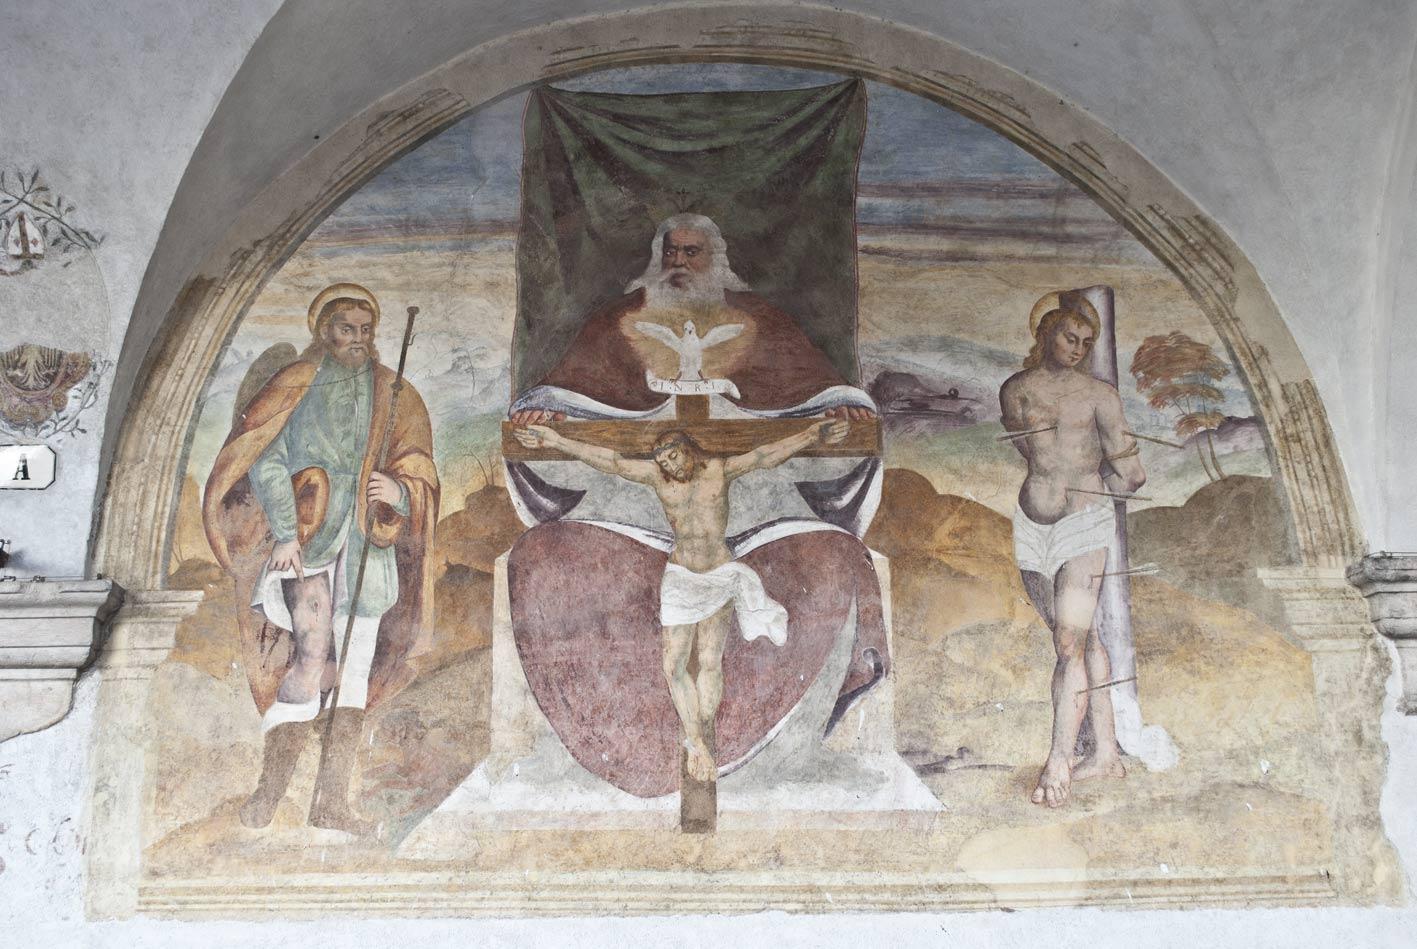 Dipinto chiesa di San Rocco a Belluno